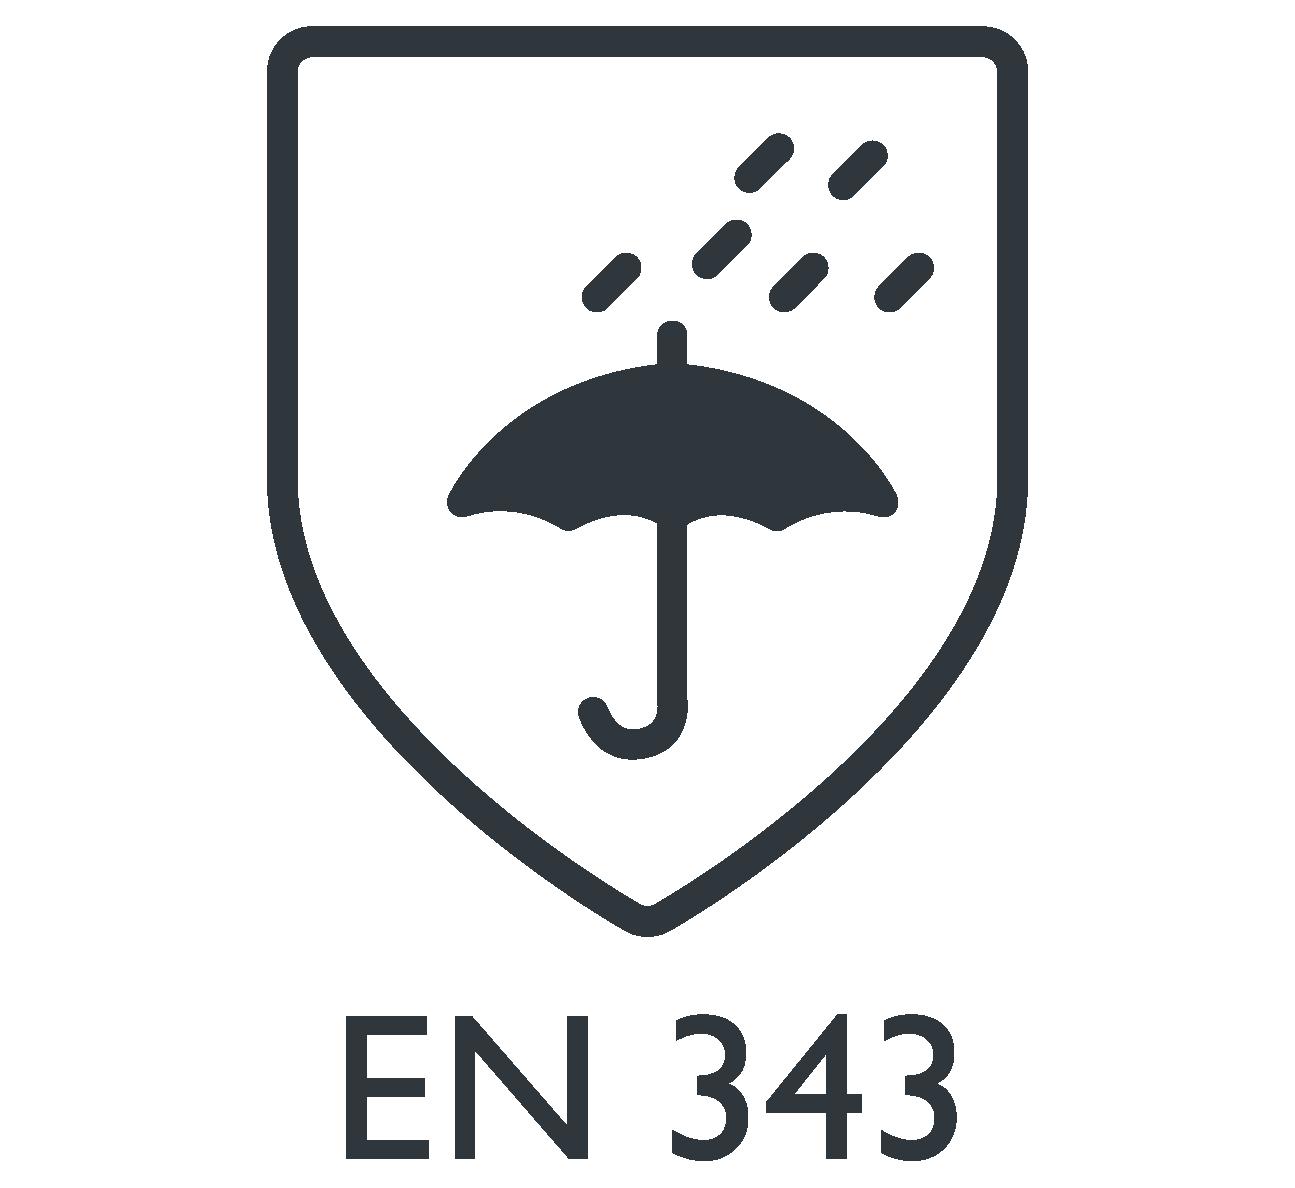 EN 343 prendas protección lluvia